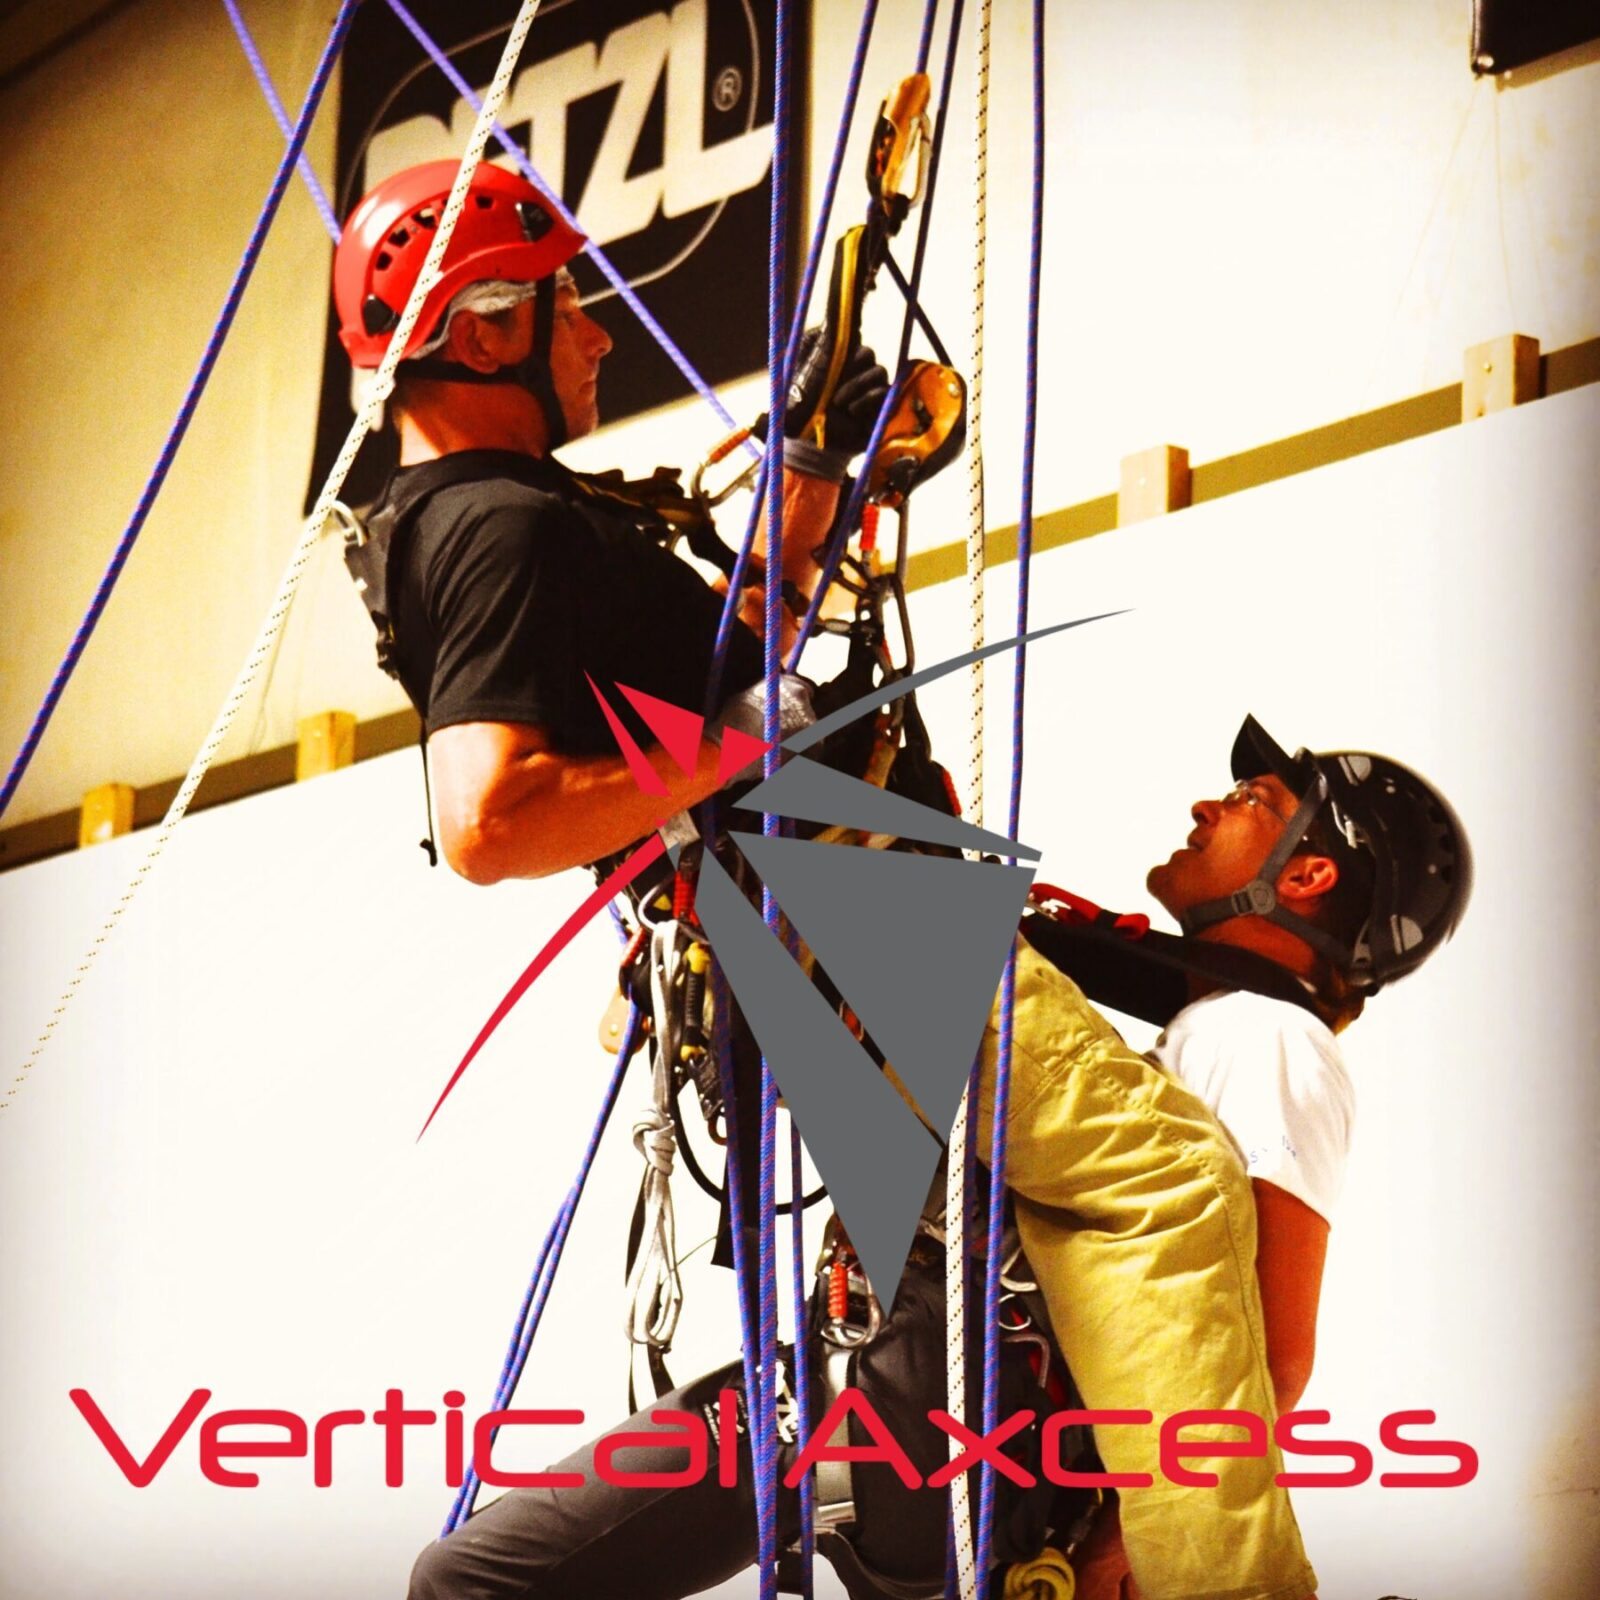 Petzl Technical Partner - Vertical Axcess